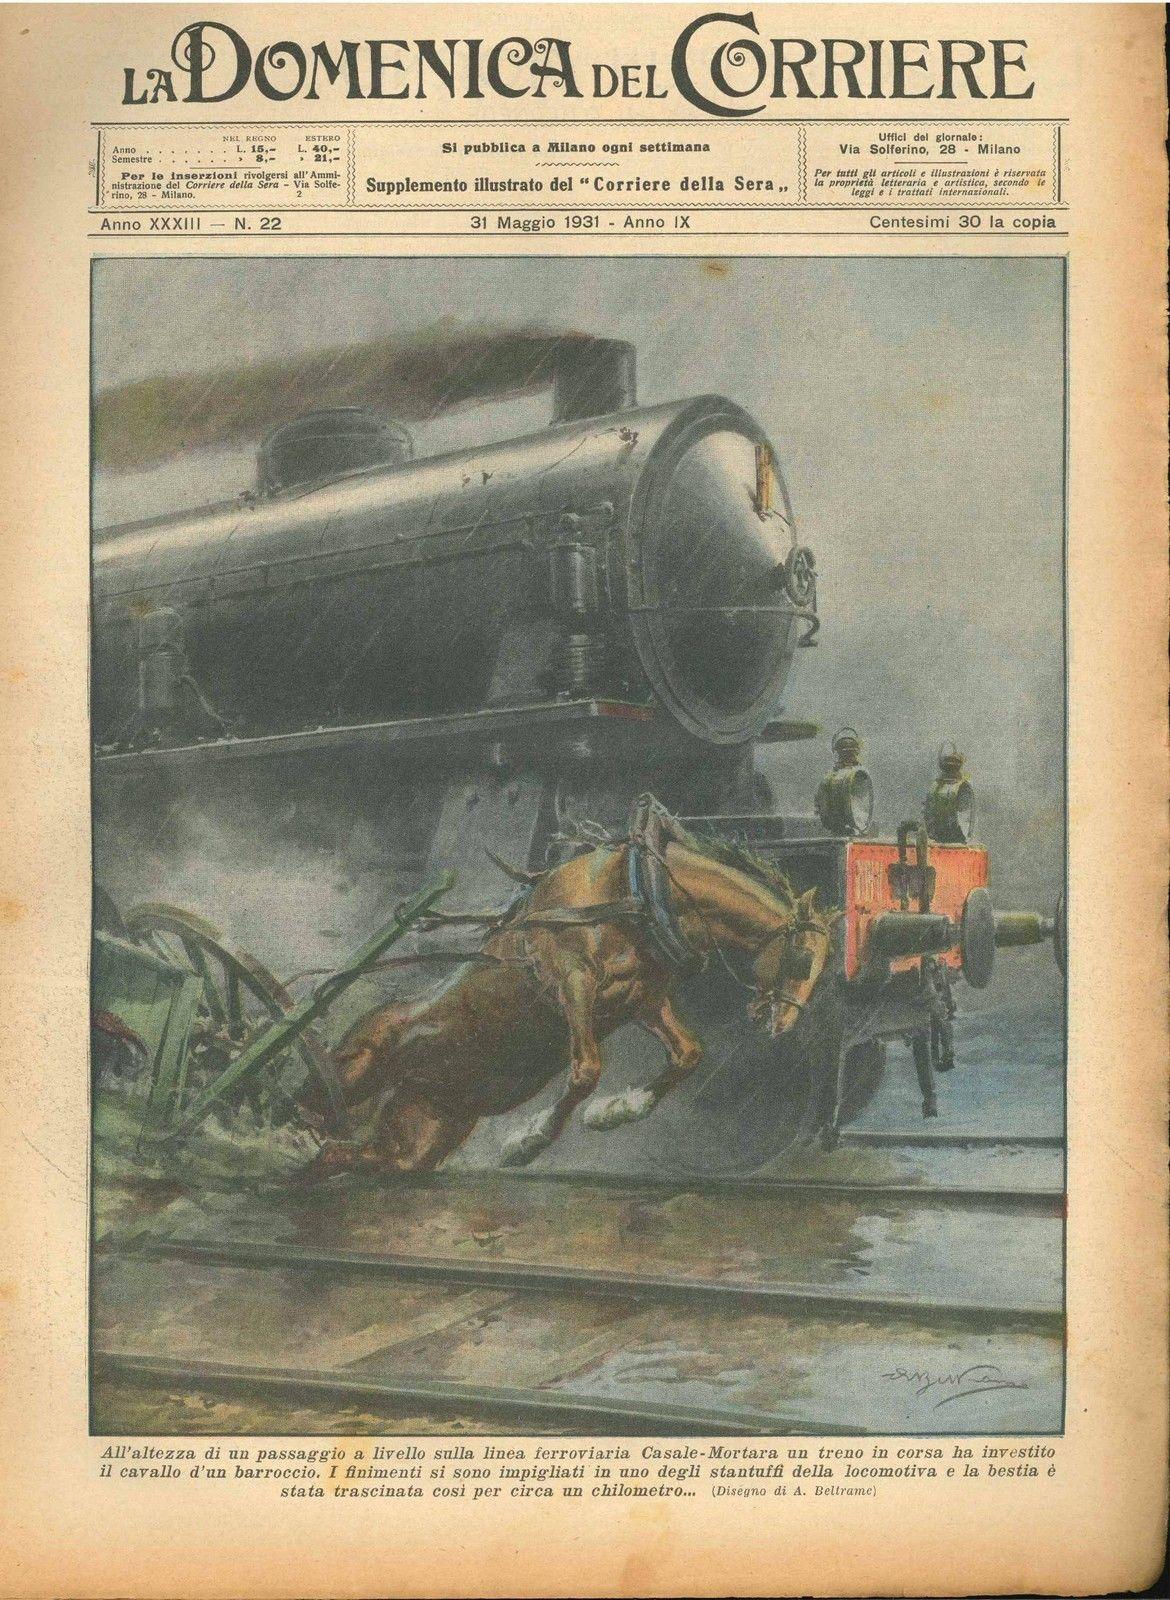 DOMENICA DEL CORRIERE N°  22 - 31 MAGGIO 1931 - ILL.  A. BELTRAME